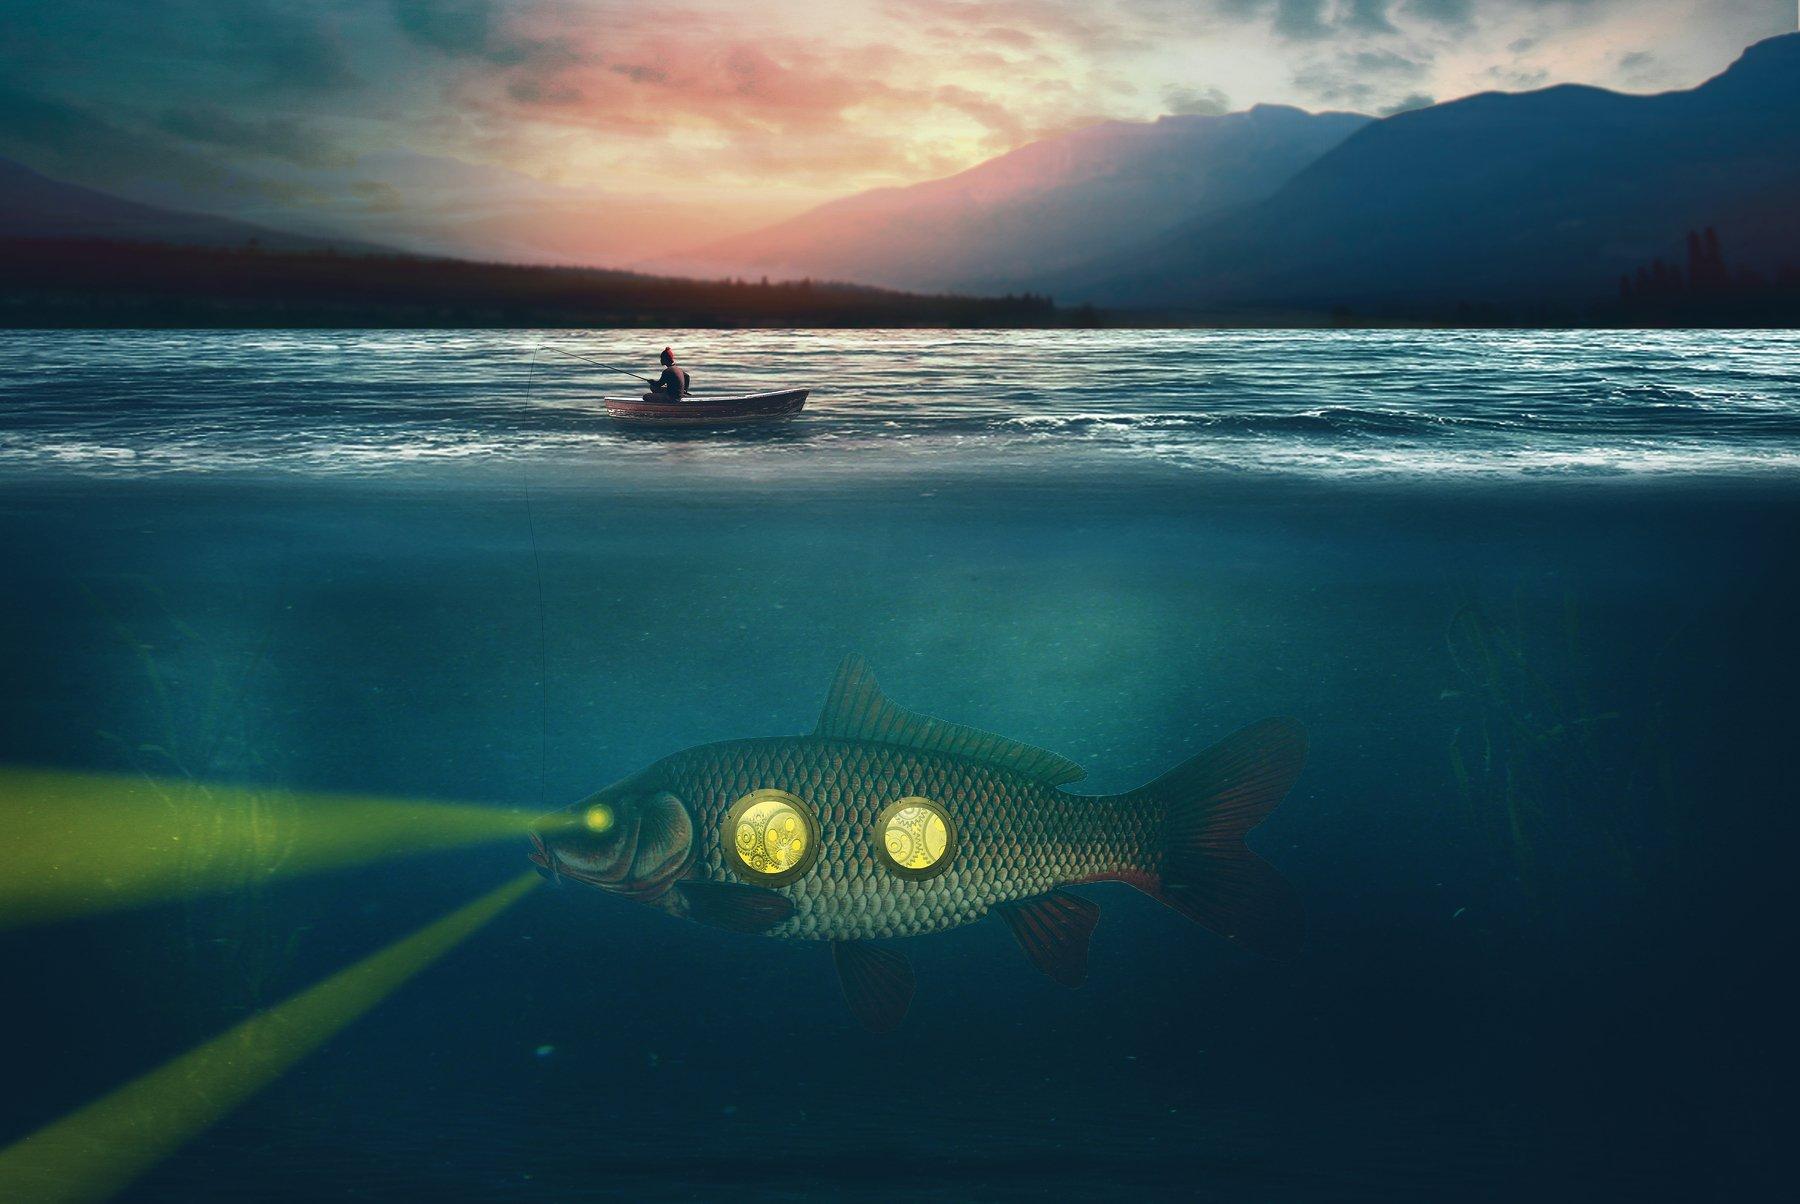 рыба, океан, лодка, Sergii Vidov